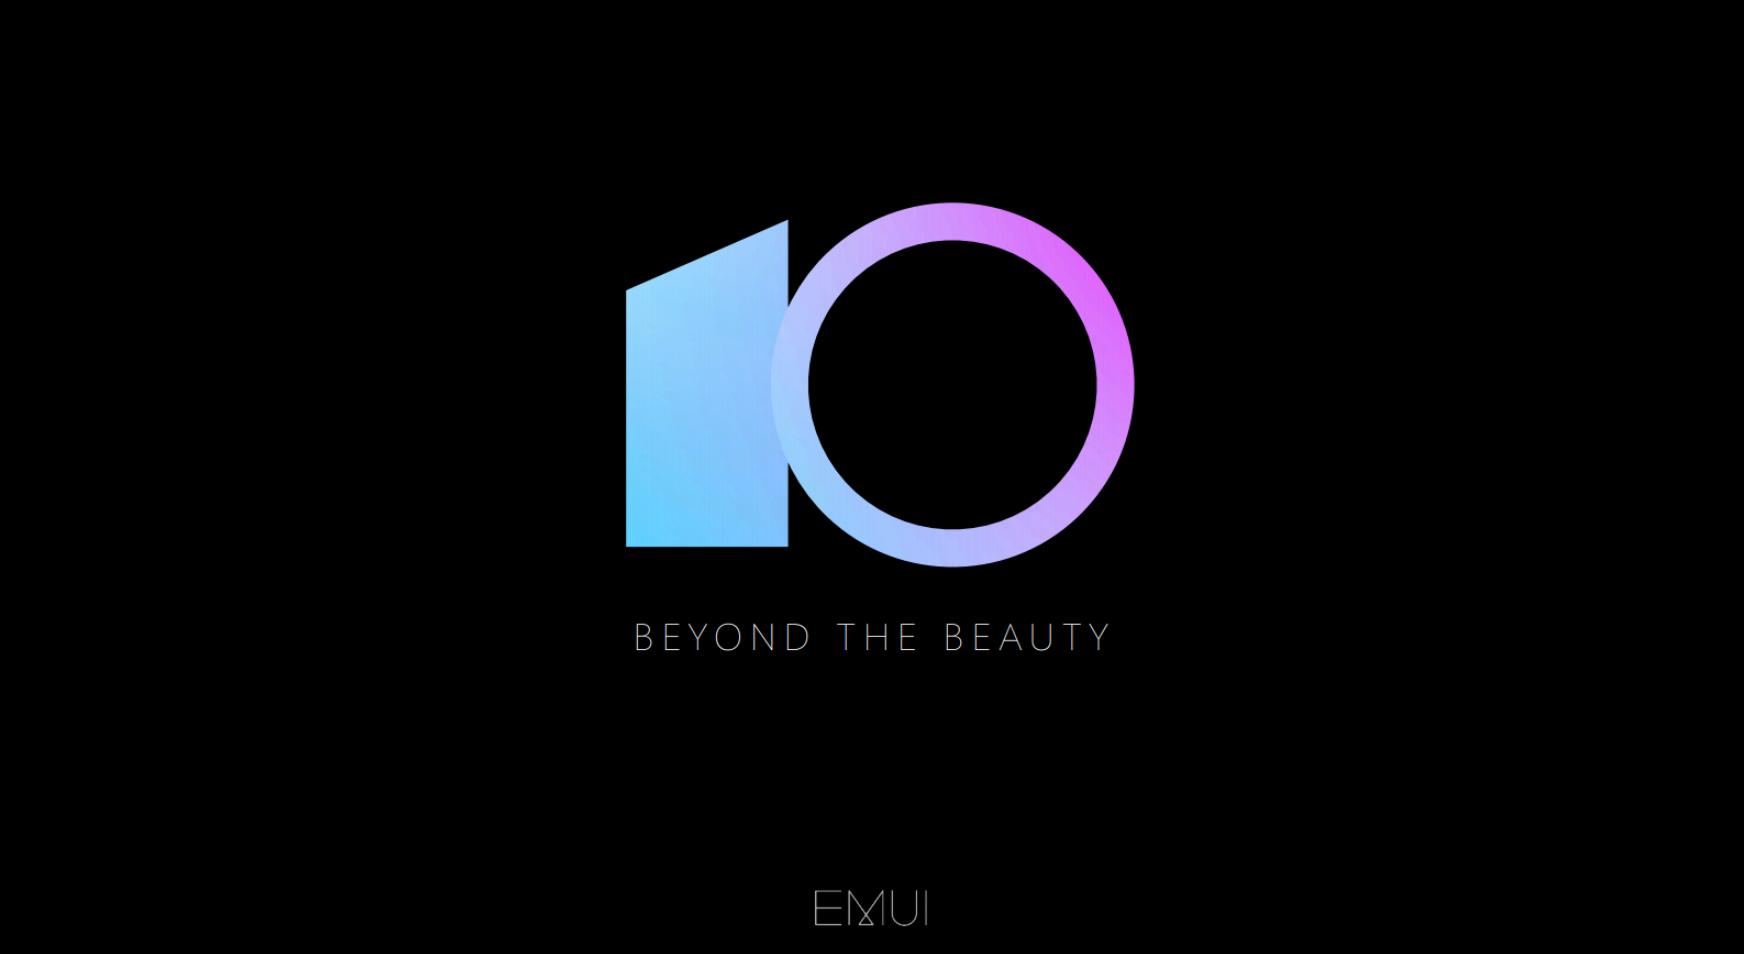 هواوي تكشف عن إطلاق تحديث EMUI10 الجديد الذي يتيح للمستخدمين اختبار الحياة الذكية عبر جميع سيناريوهات الاستخدام